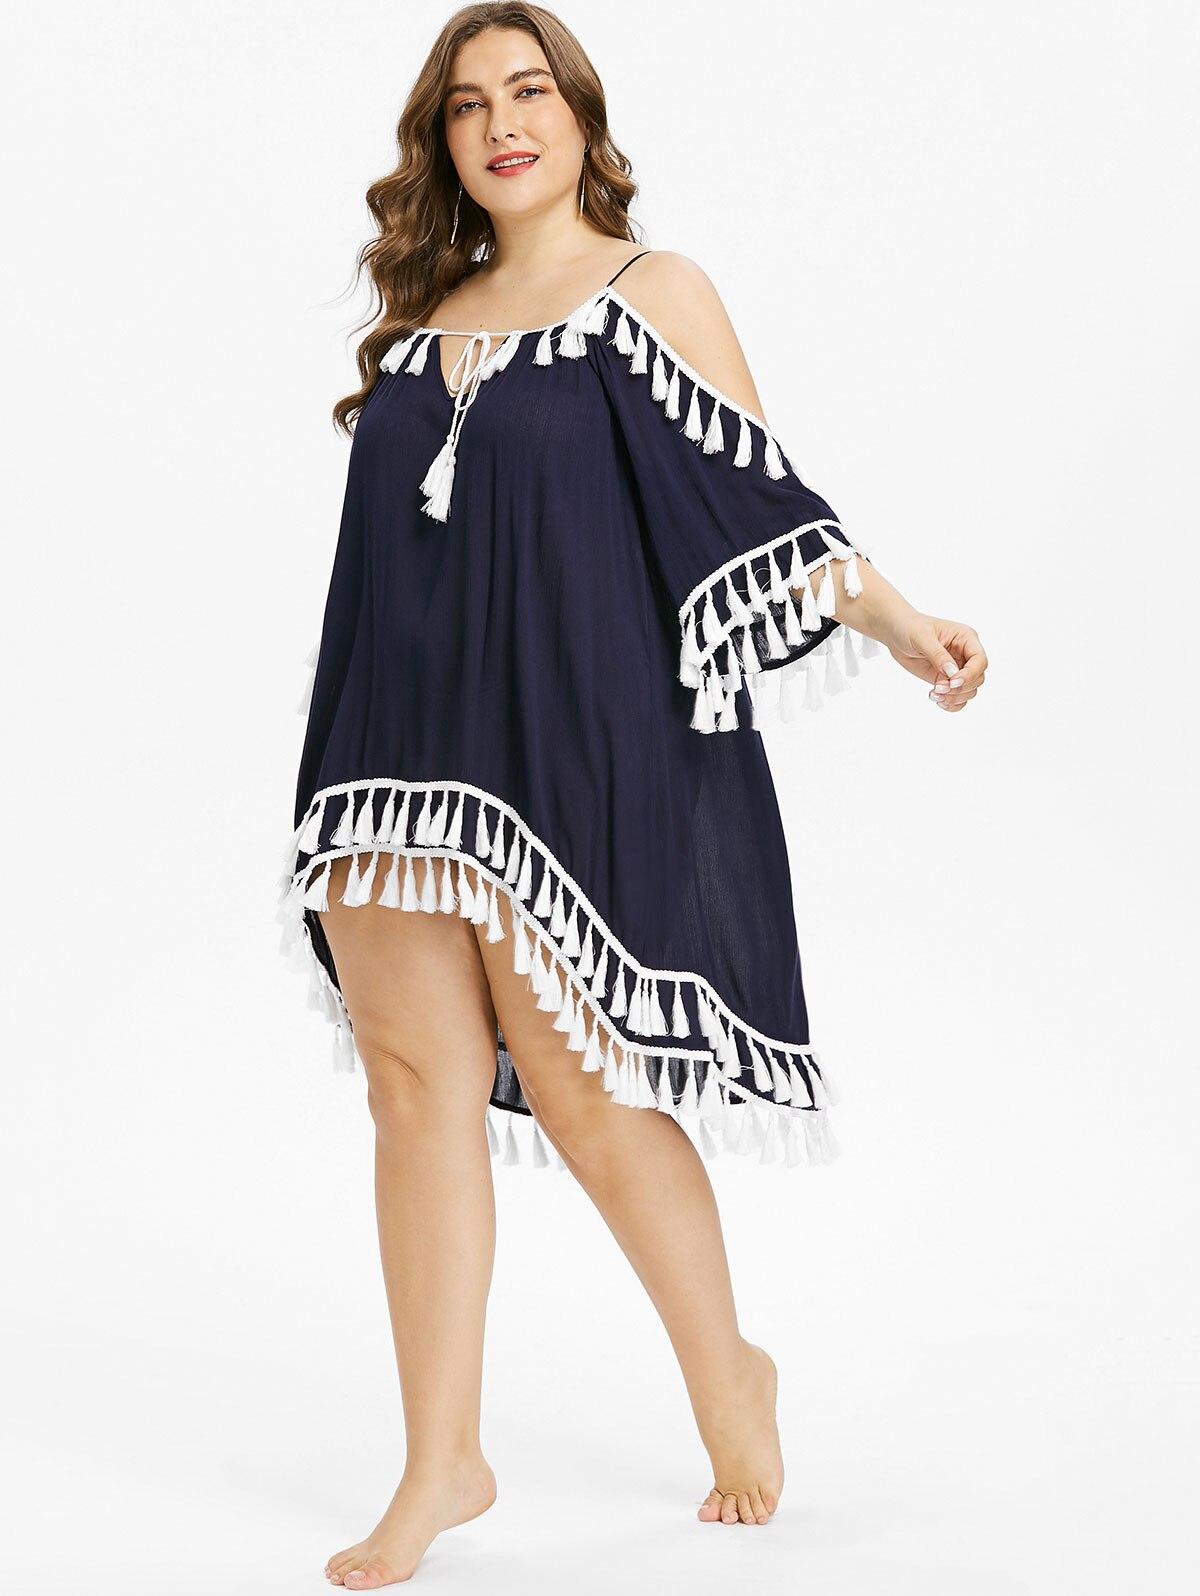 La Gland Gamiss Up Mini Robe Deep cou Robes Couvert À Plage Flare Froid Épaule Manches De Plus Blue Halter Femmes Haute Faible V Taille 5jL4RA